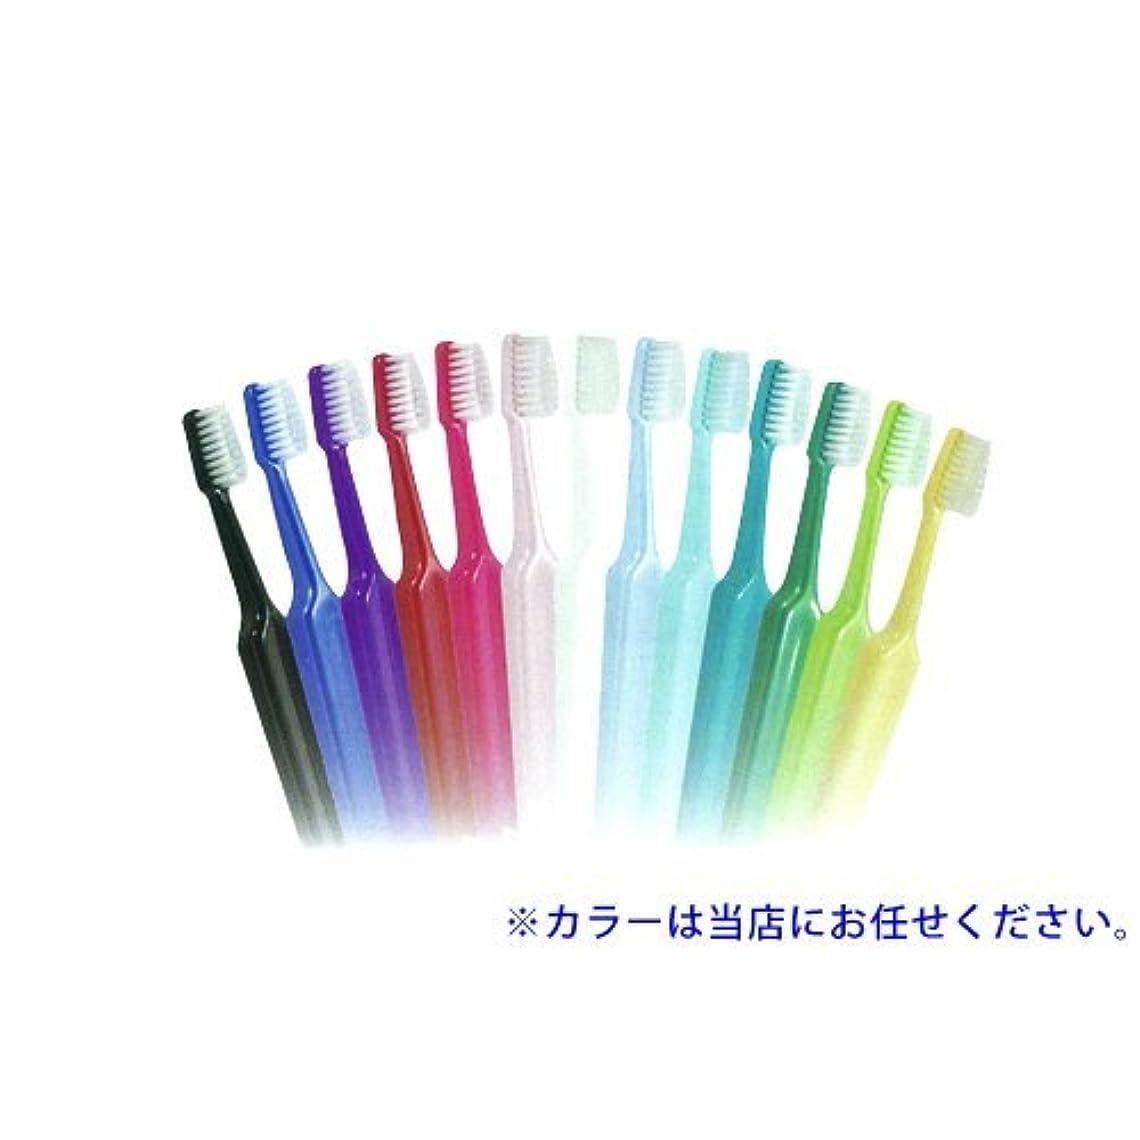 土砂降り腐食する理由クロスフィールド TePe テペ セレクトコンパクト 歯ブラシ 1本 コンパクト ソフト